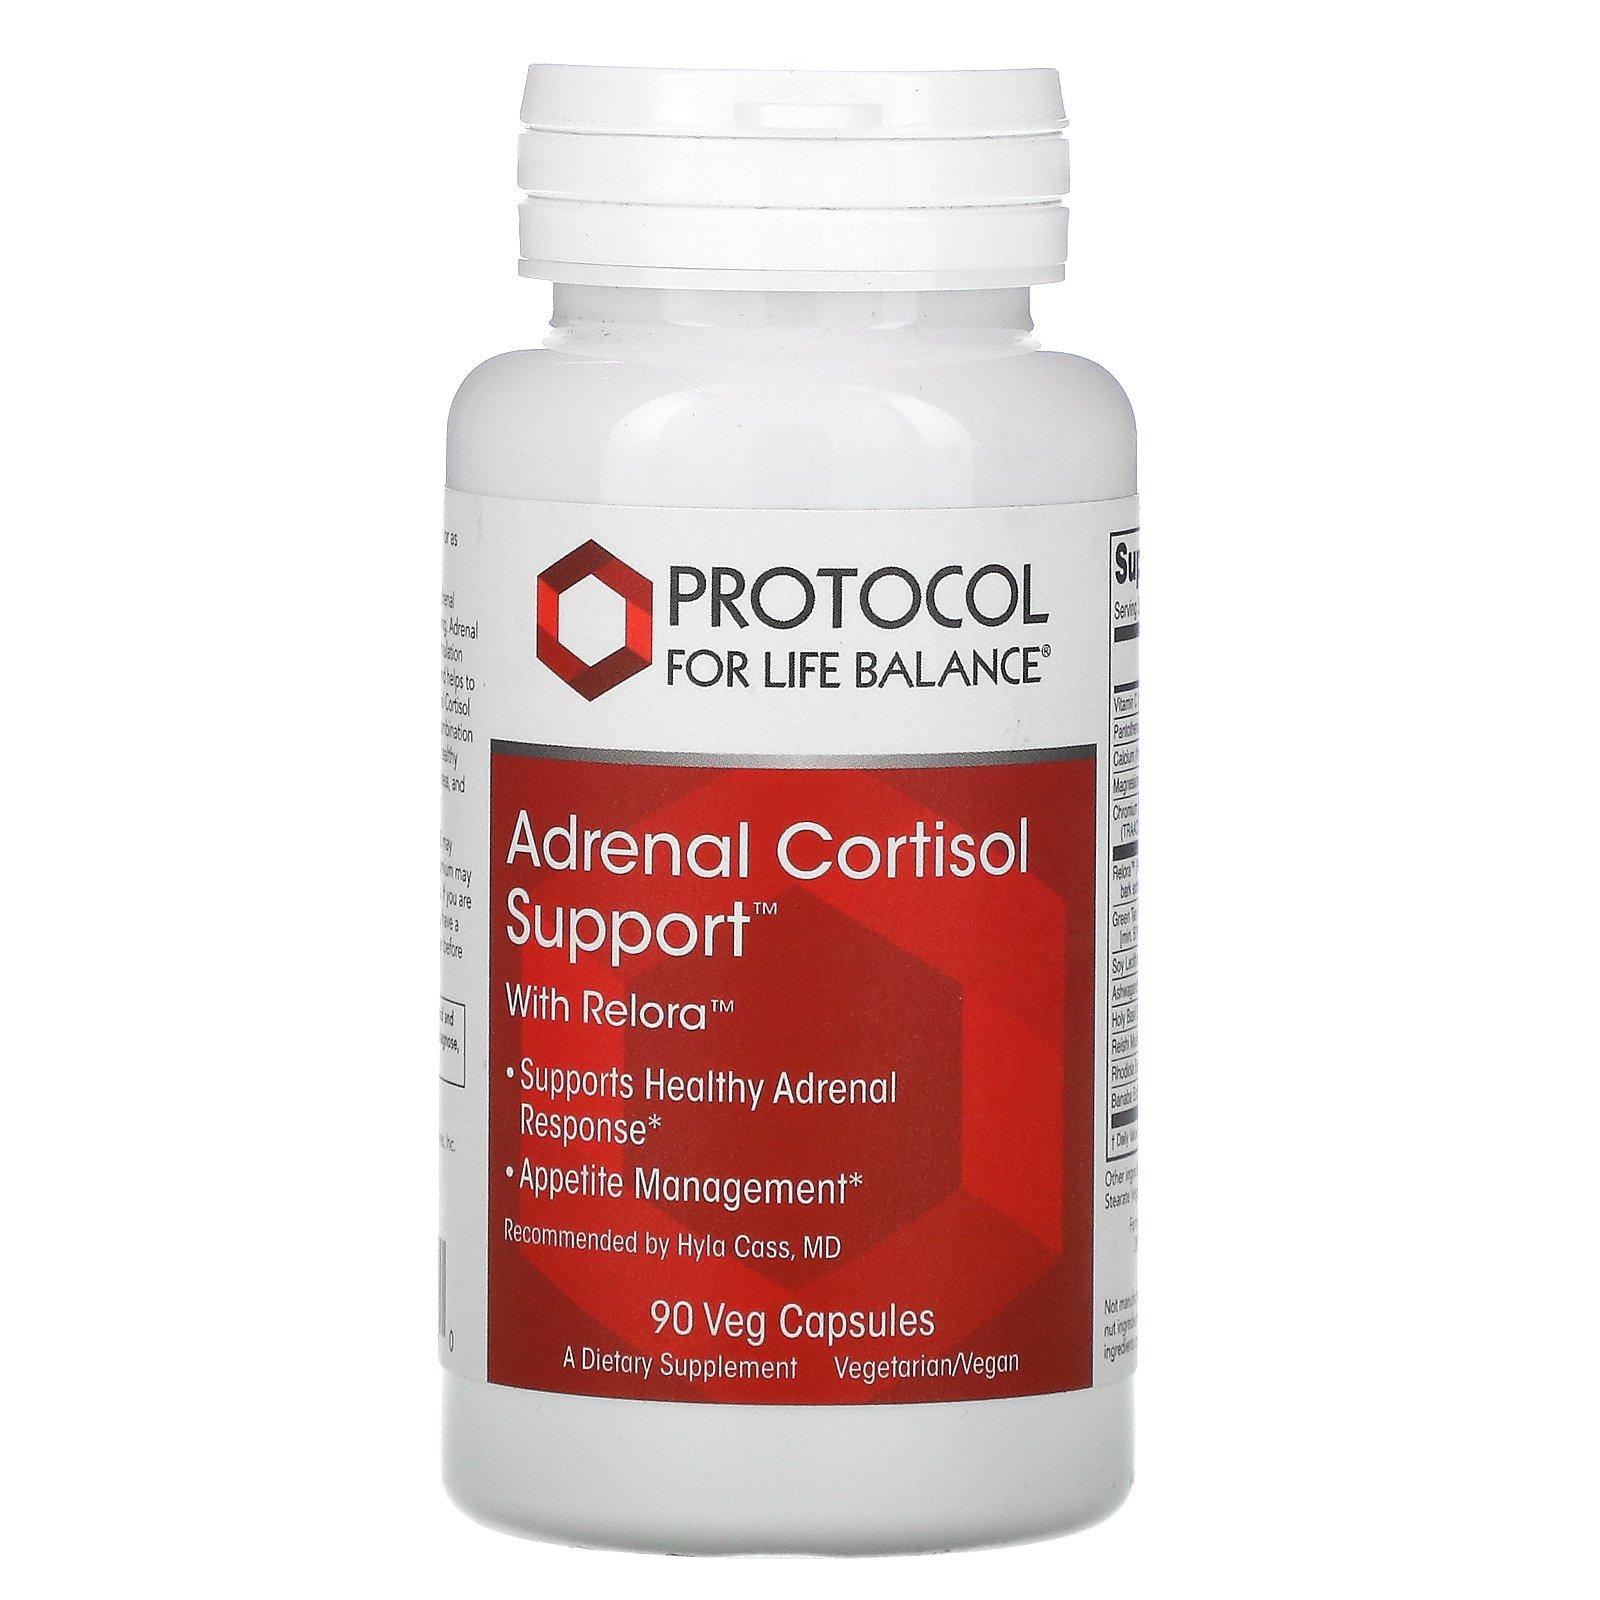 Protocol for Life Balance, Adrenal Cortisol Support с Relora, препарат для поддержки надпочечников, 90 растительных капсул